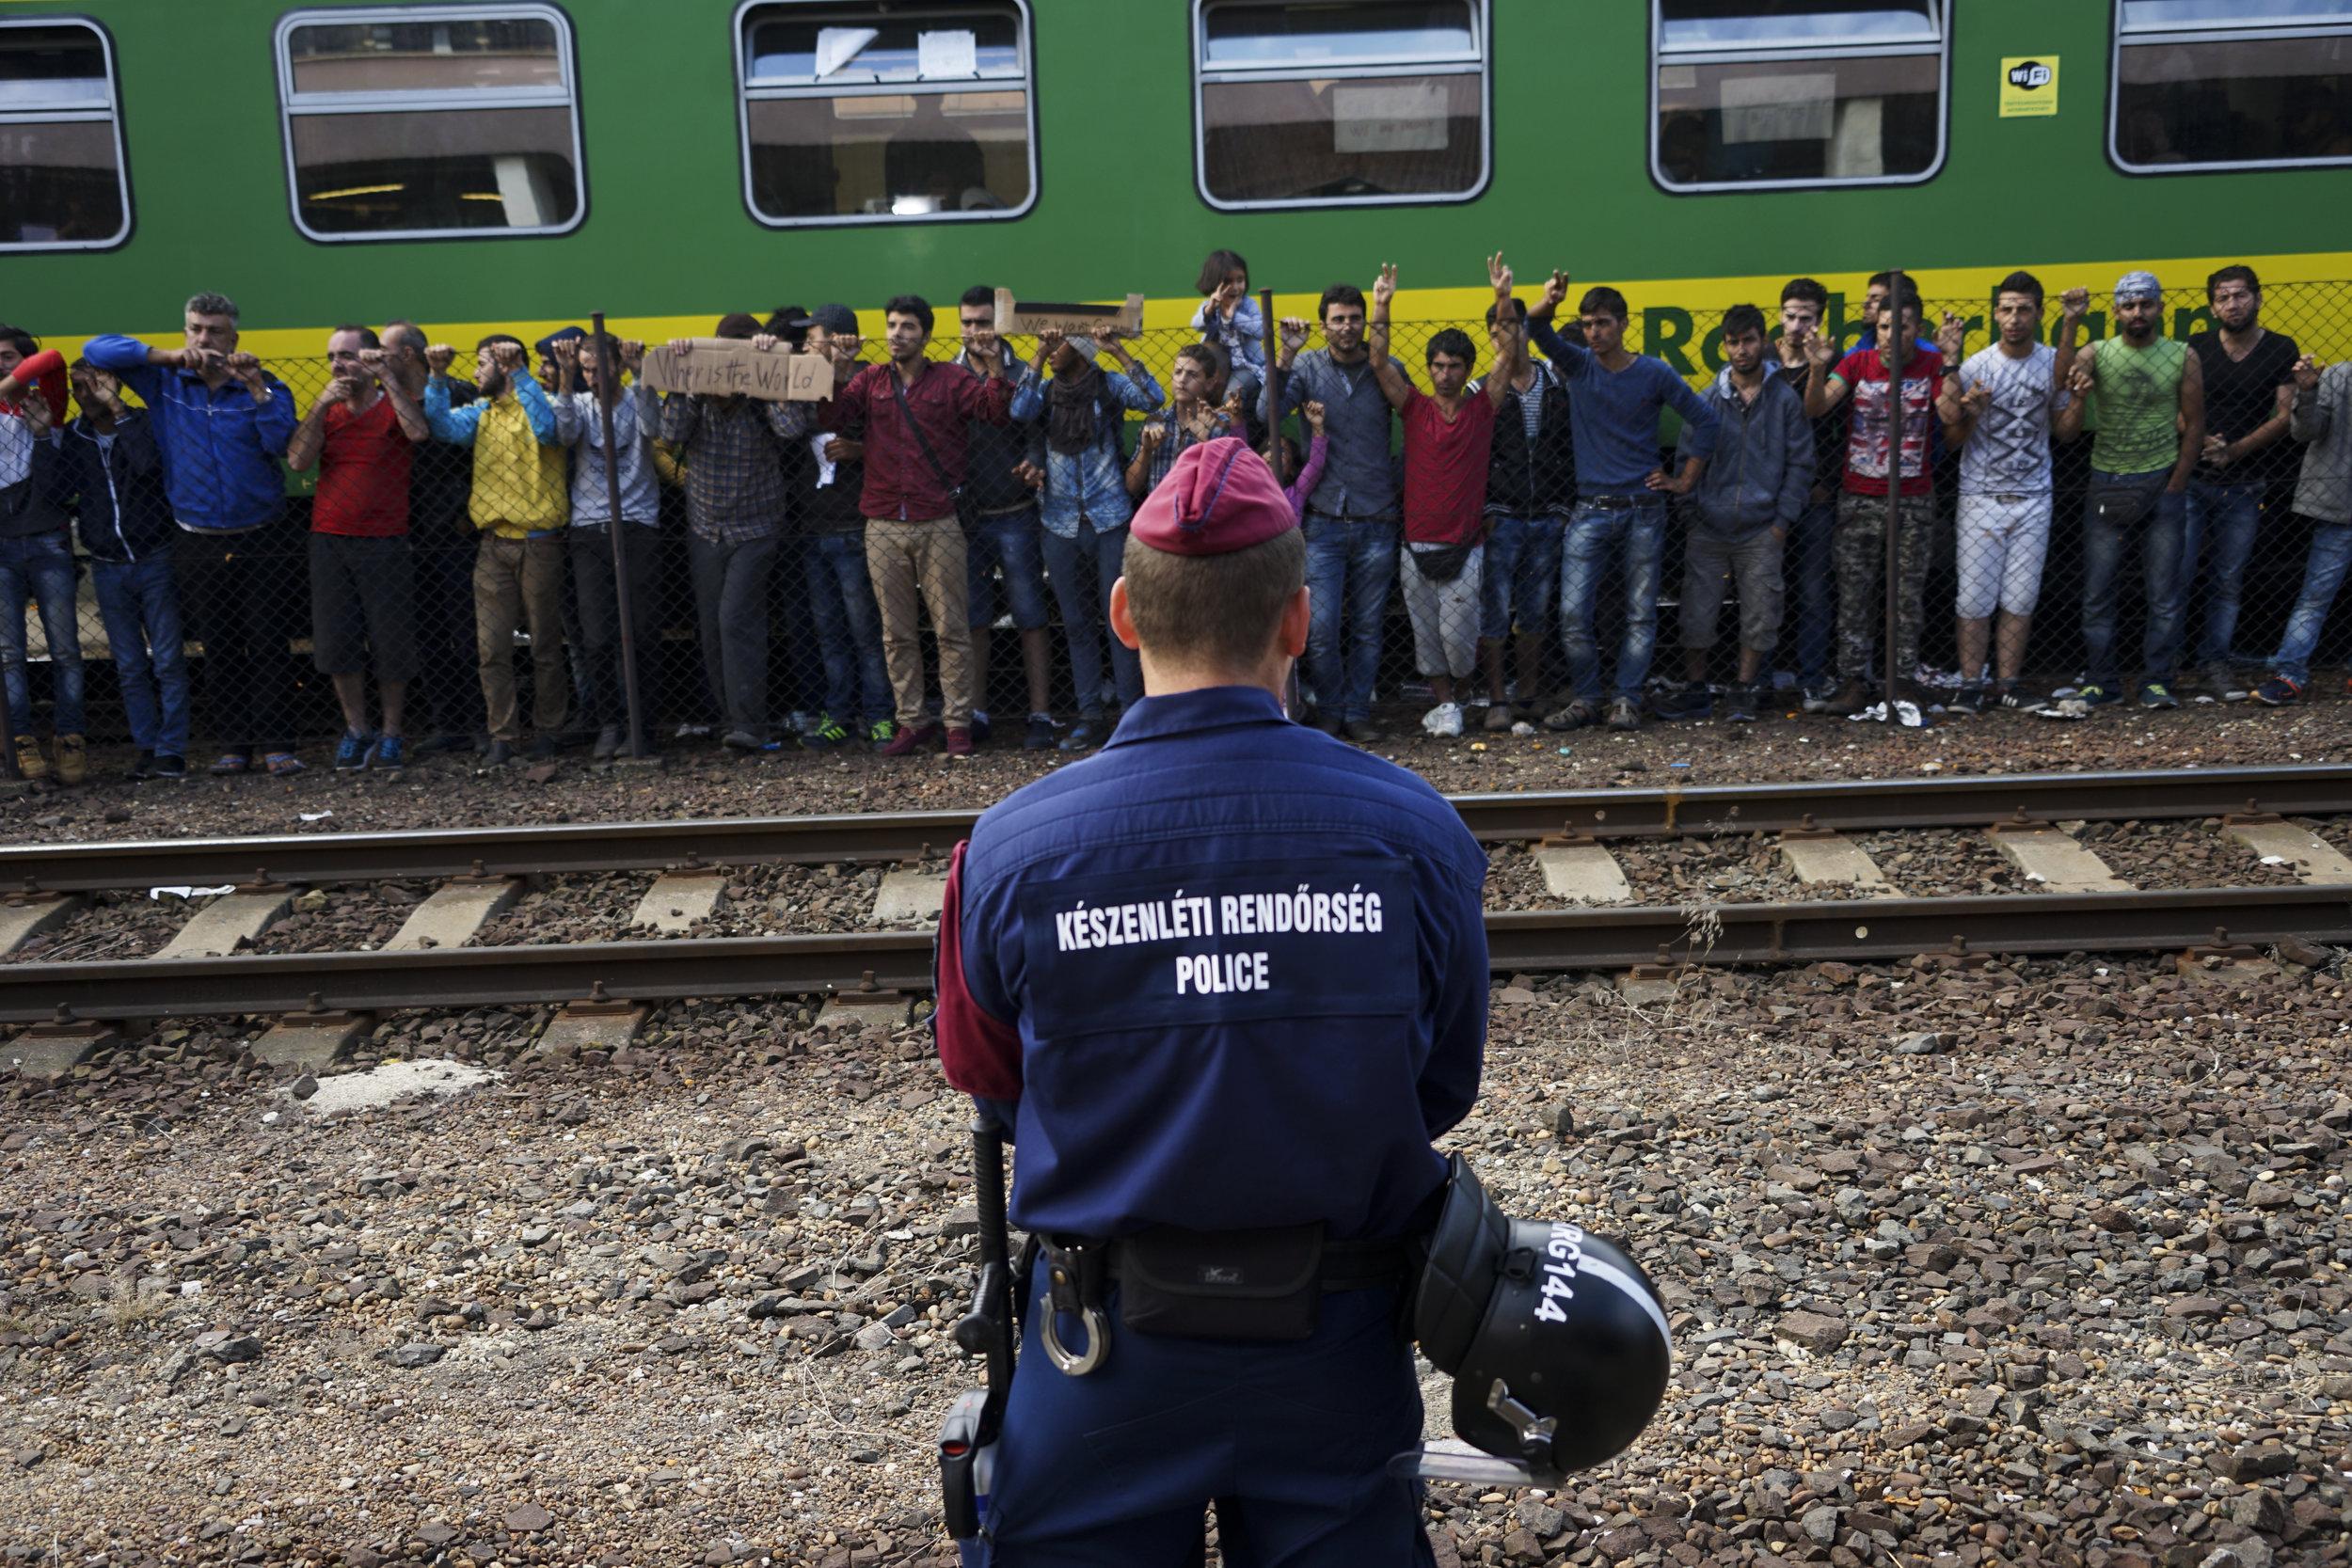 Des réfugiés syriens manifestent à la gare de Budapest-Keleti, le 4 septembre 2015. Crédit photo : Mstyslav Chernow